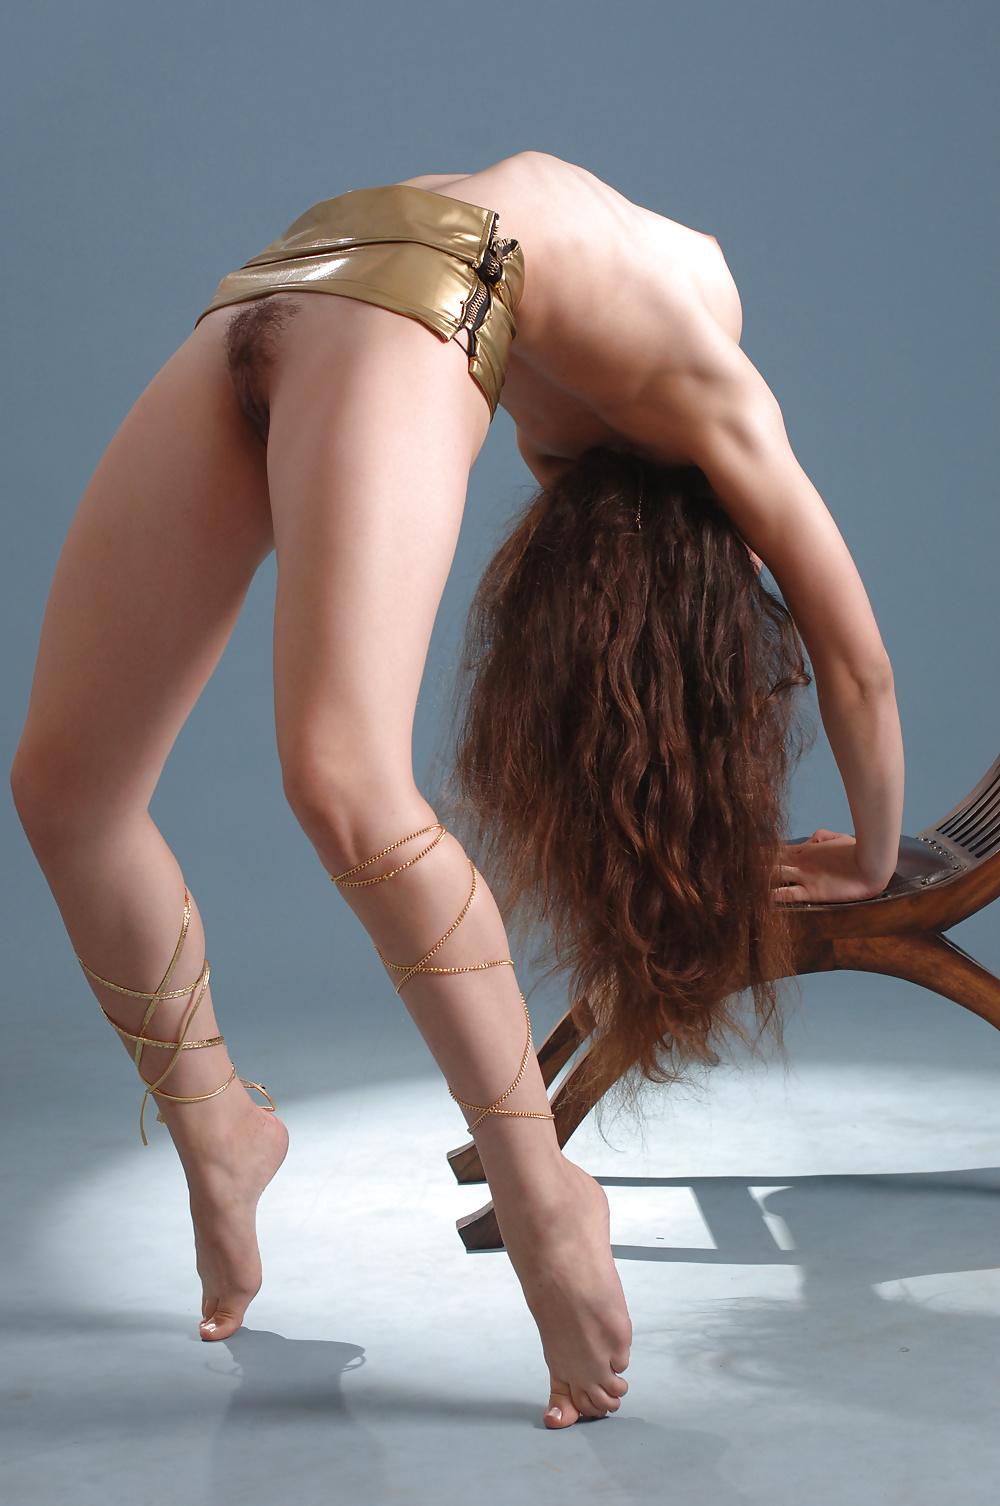 Фото гимнасток в стрингах, порно топовых роликов